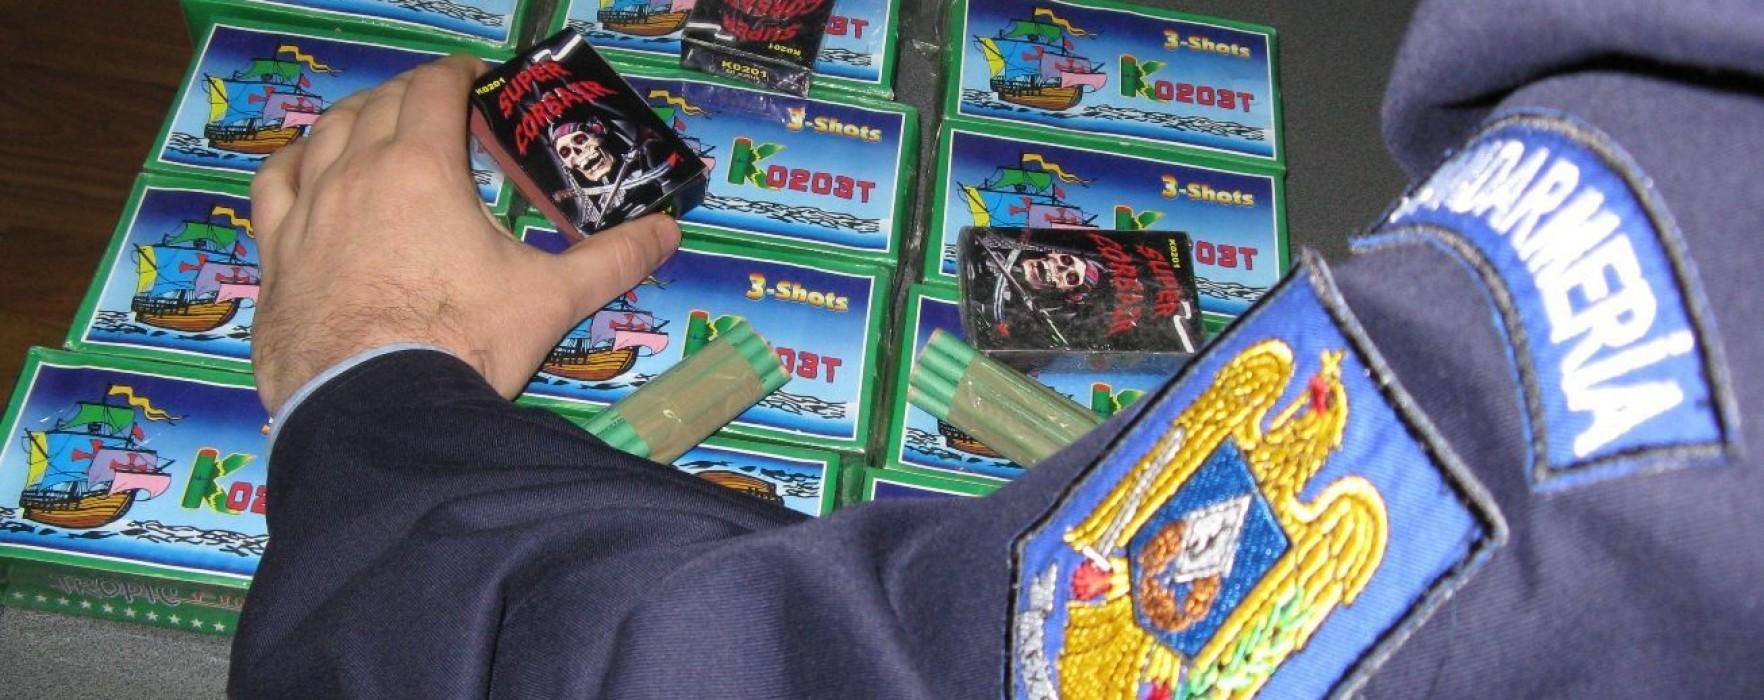 Percheziţii: Poliţiştii dâmboviţeni au confiscat 200.000 de articole pirotehnice